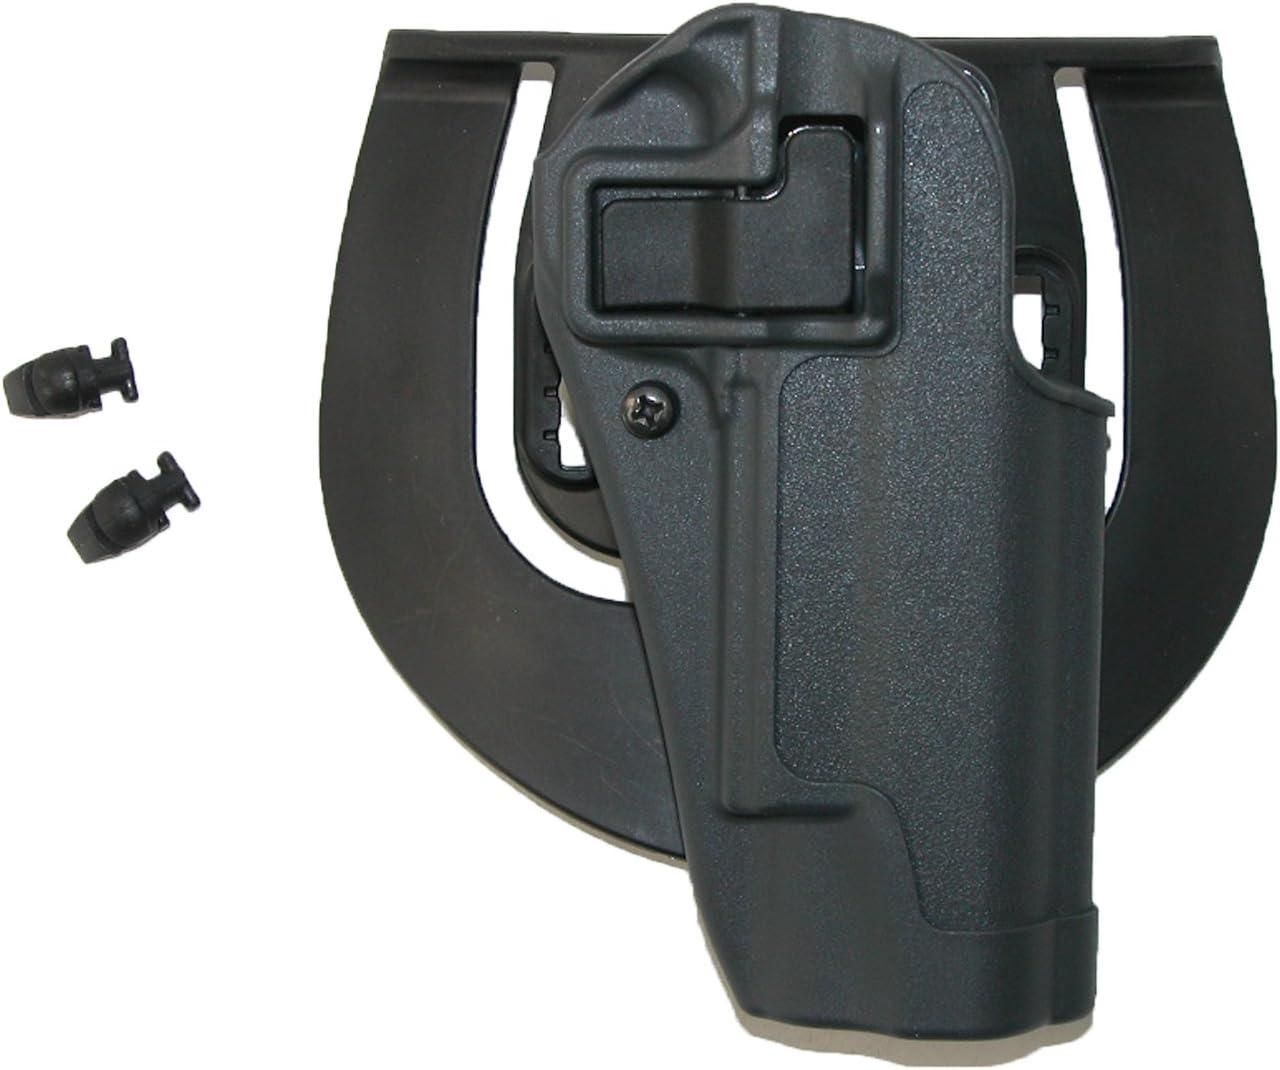 Perry tirantes Unisex arnés o cinturón pistola funda para 1911 ...